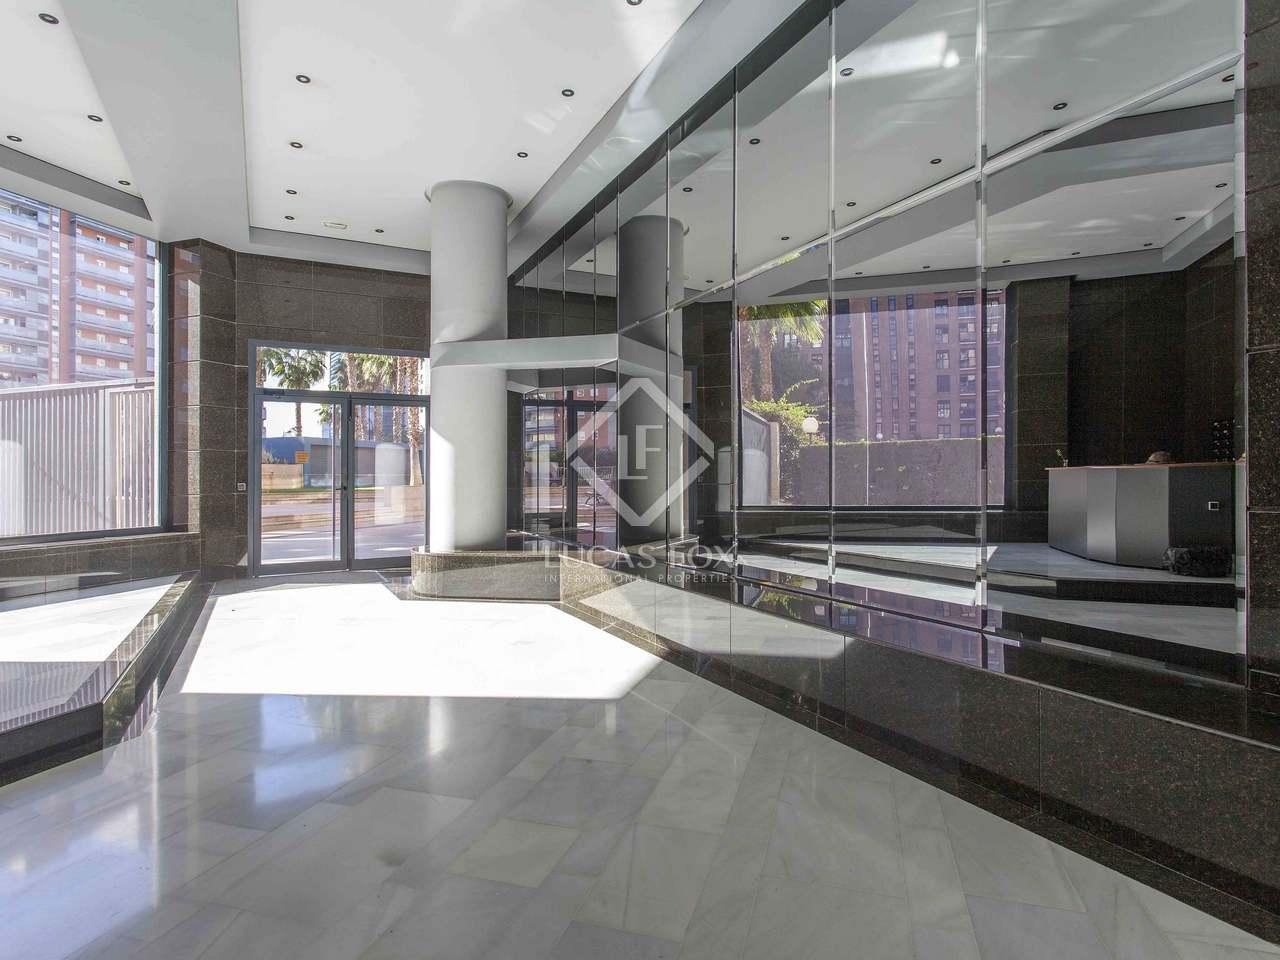 Piso en venta en el centro de valencia espa a - Compro piso en madrid zona centro ...